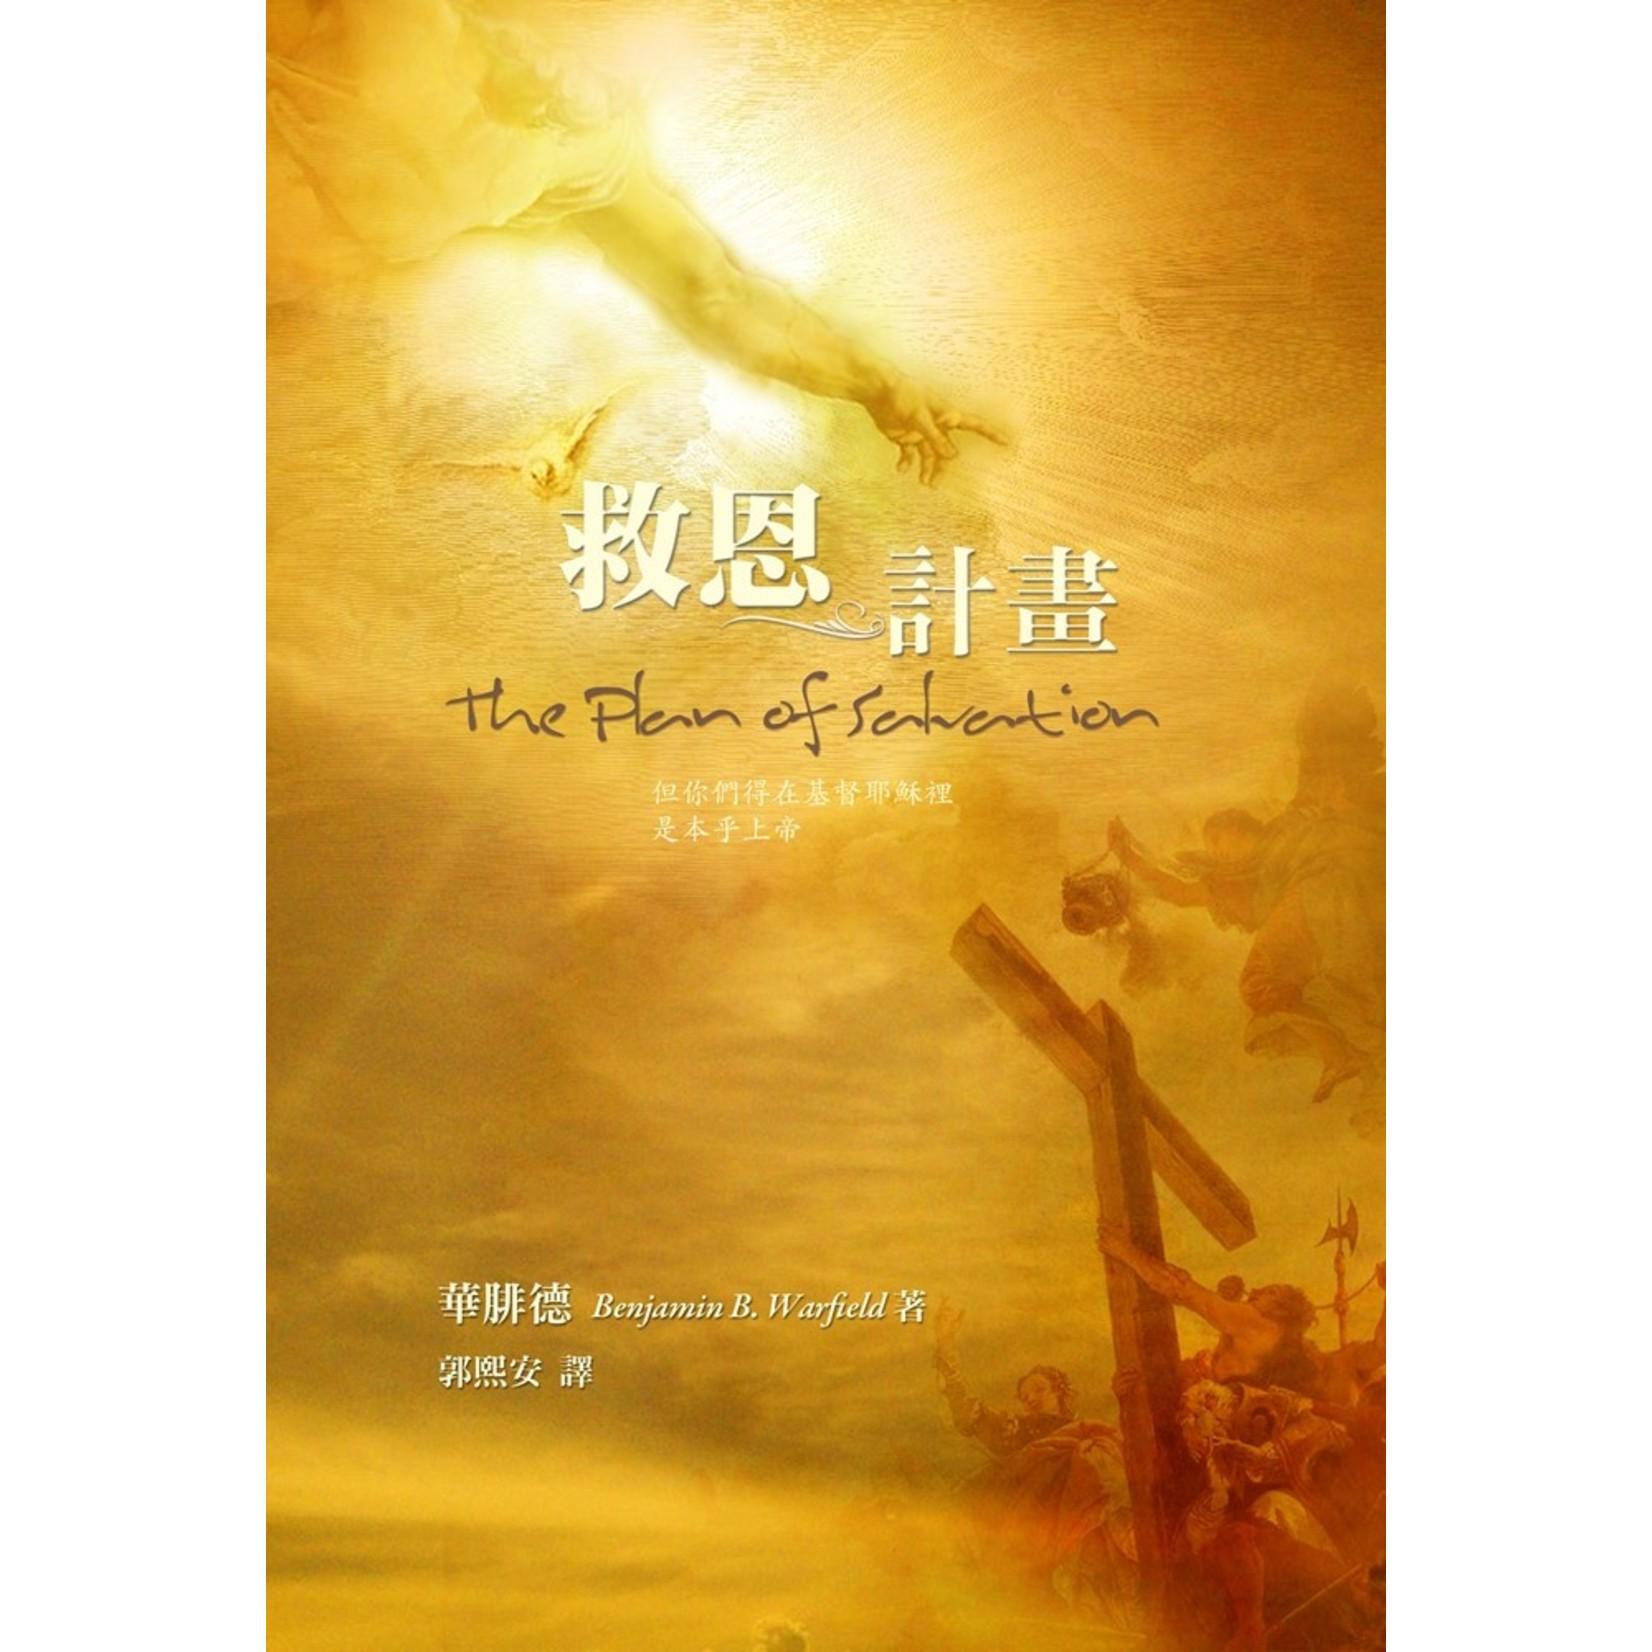 改革宗 Reformation Translation Fellowship Press 救恩計畫 The Plan of Salvation